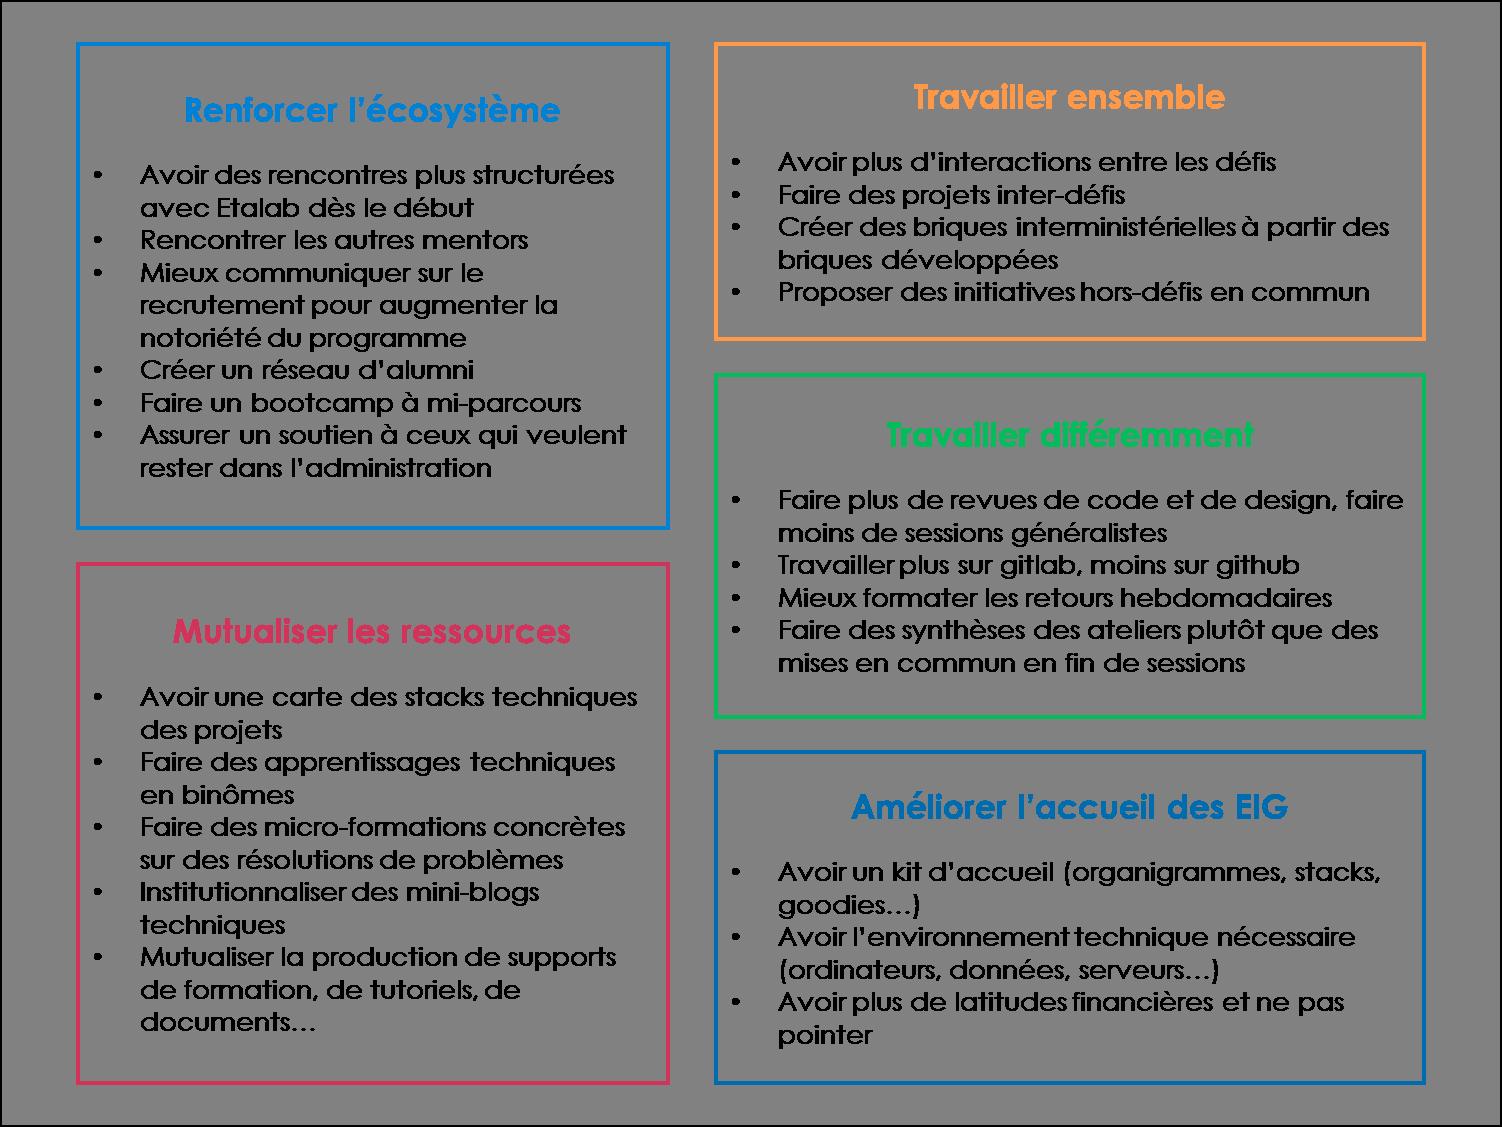 Un tableau reprenant les 5 domaines de recommandations et le détail de ces recommandations